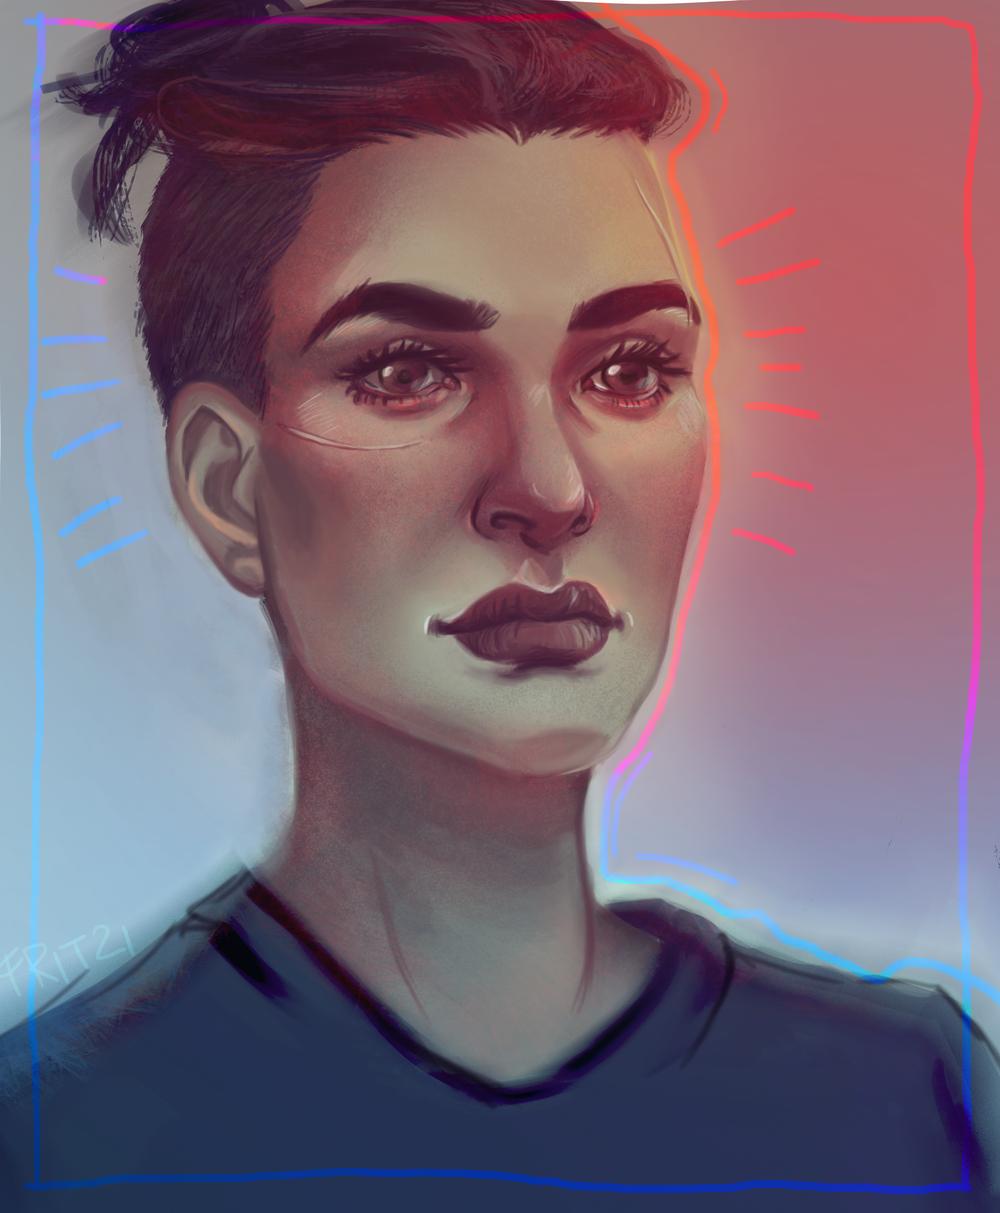 Sara Ryder - Post Cetus